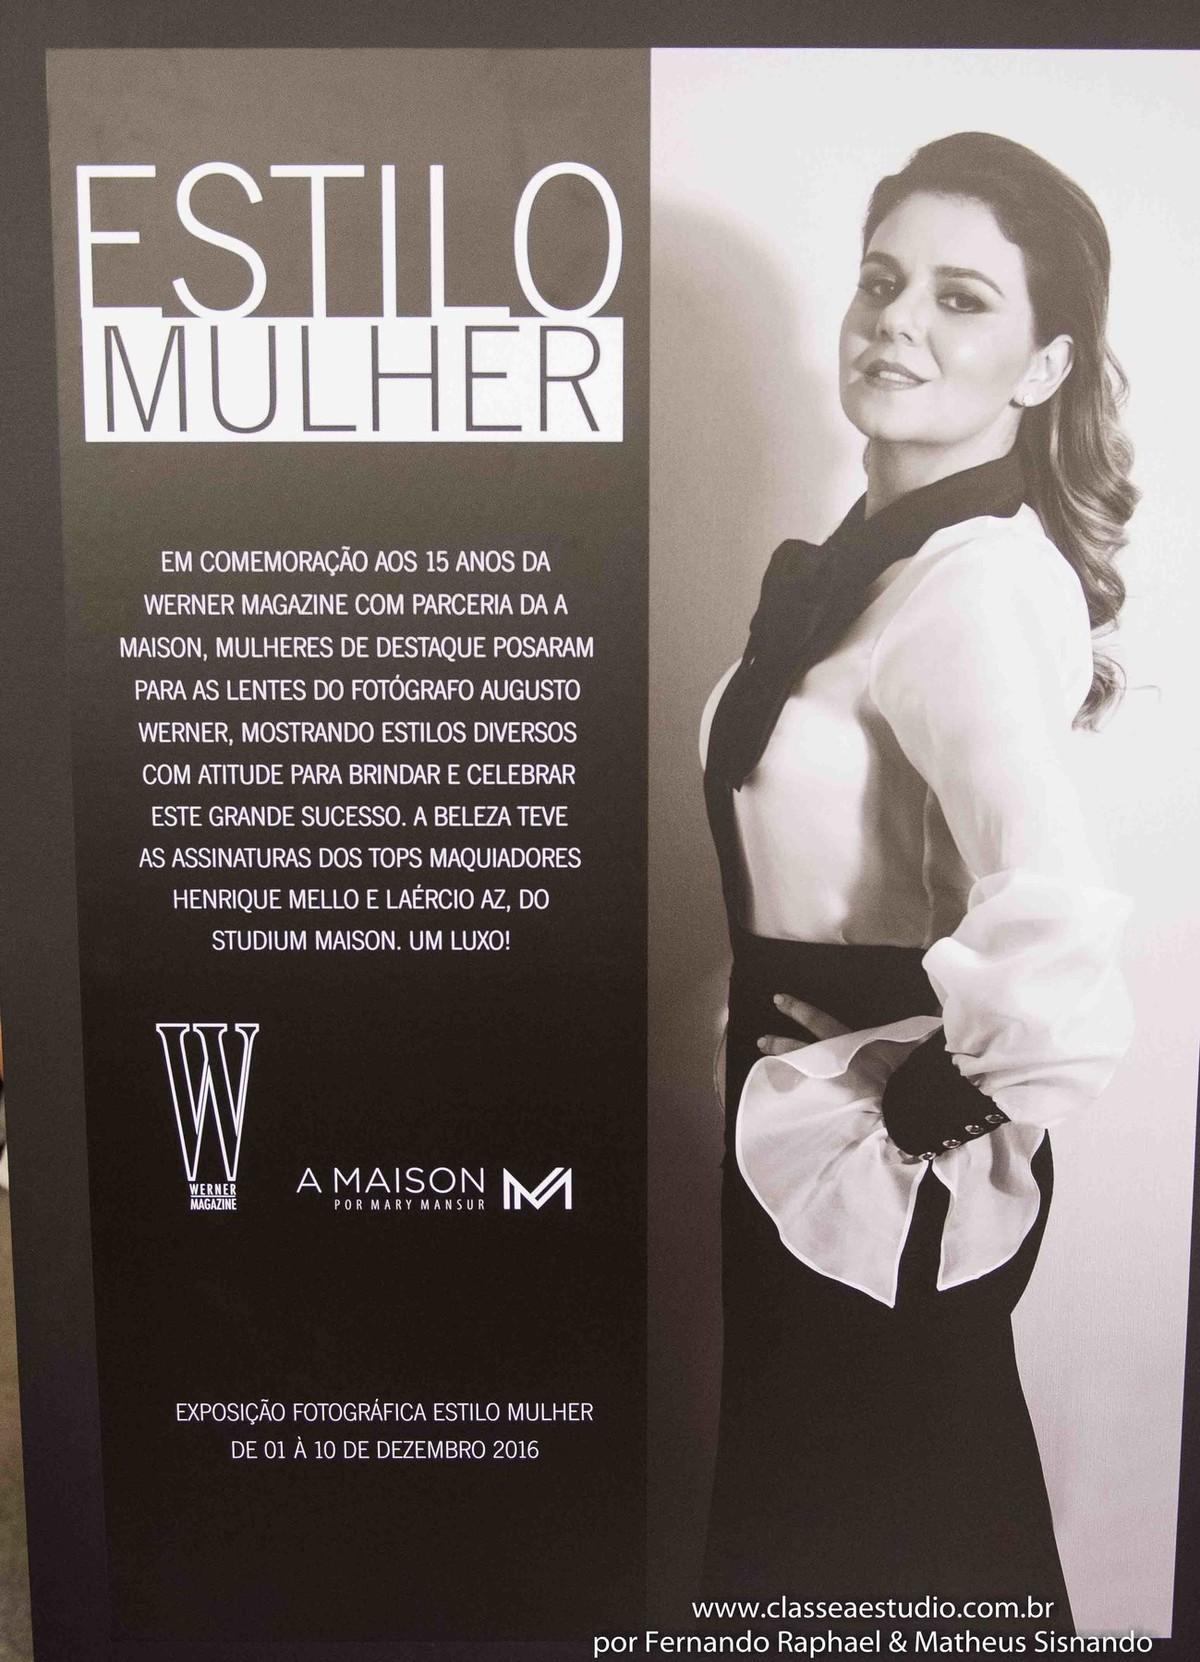 Exposição fotografica da revista Werner no shopping Rio Mar